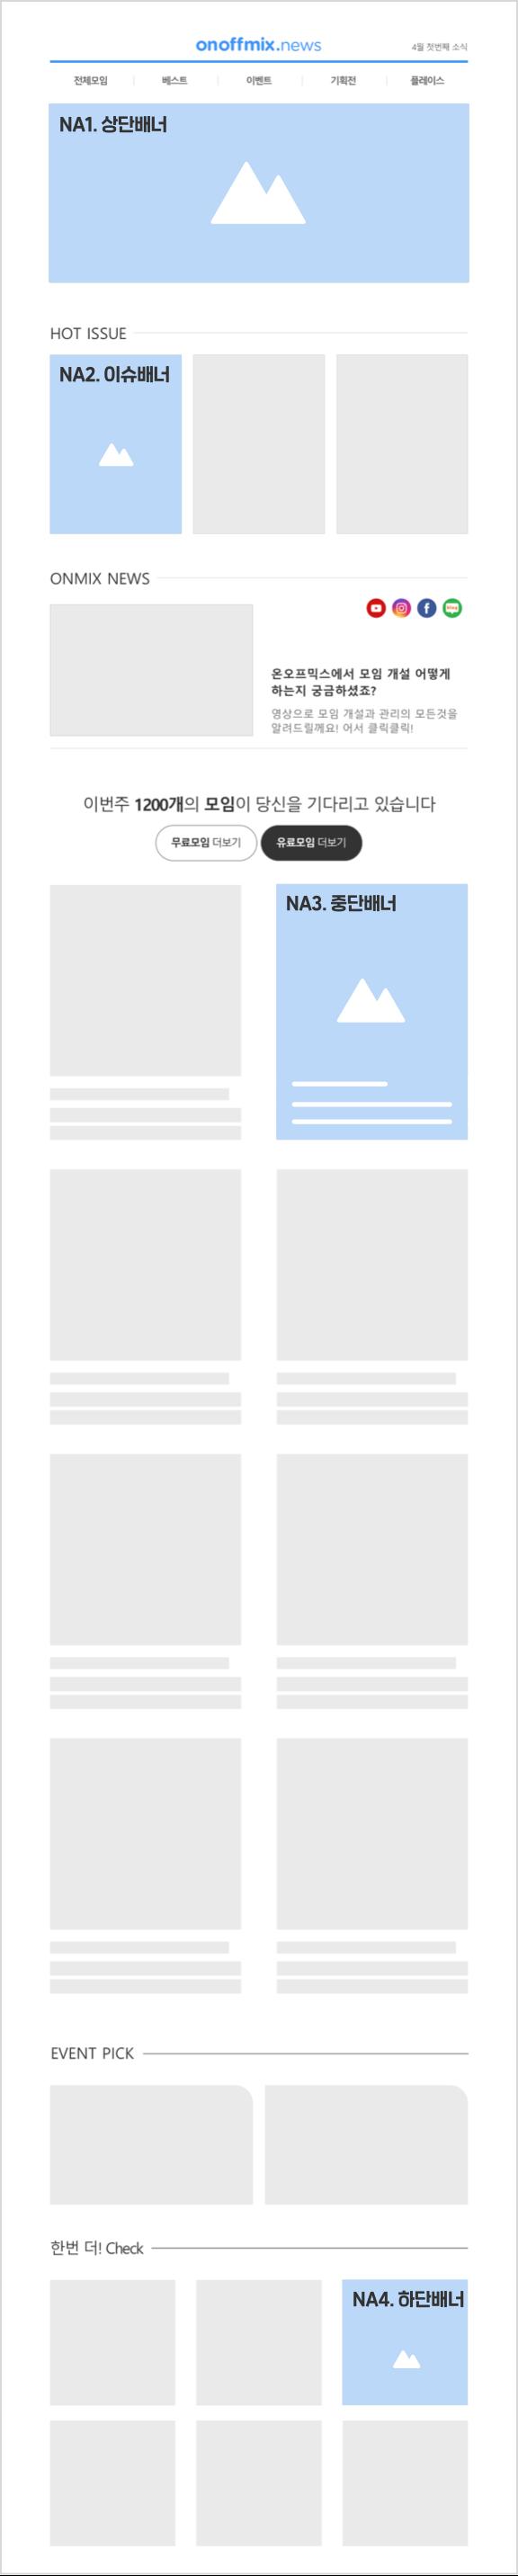 뉴스레터 이메일 광고